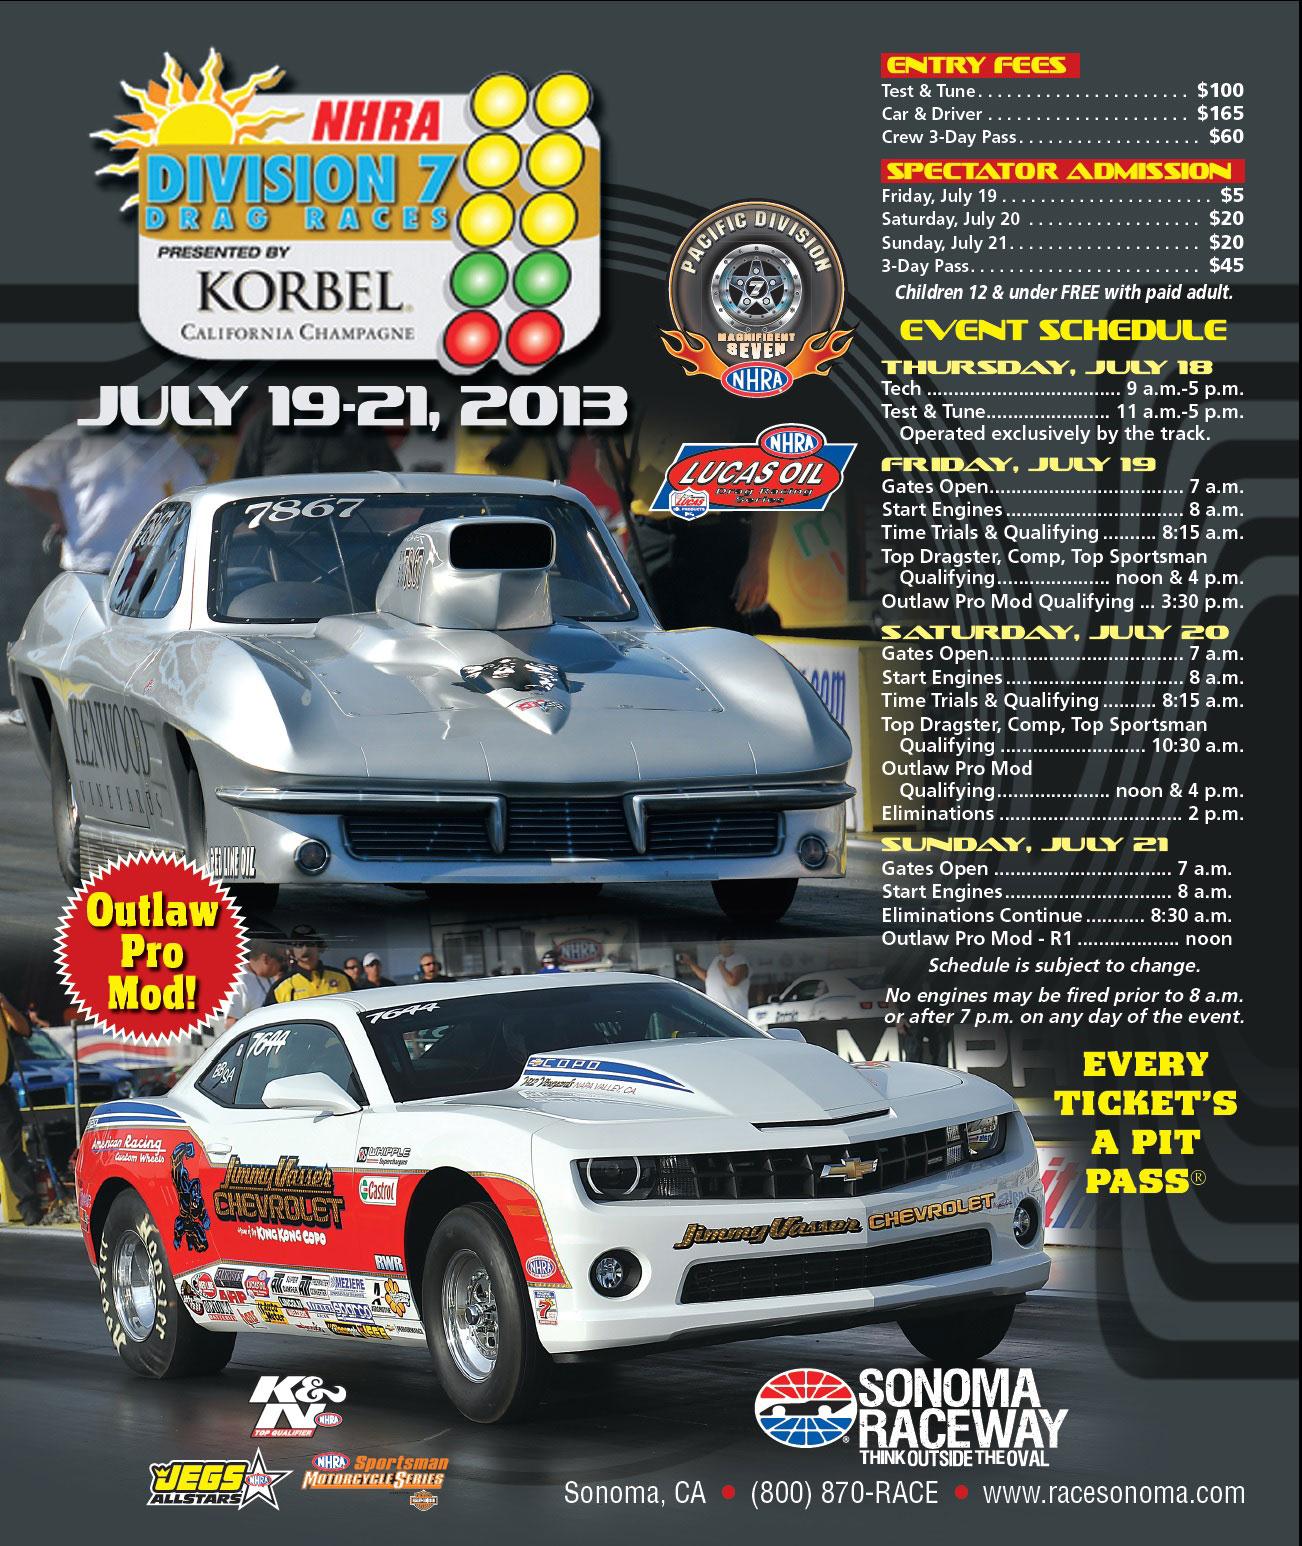 Nhra Lucas Oil Drag Racing Series 2013 Schedule